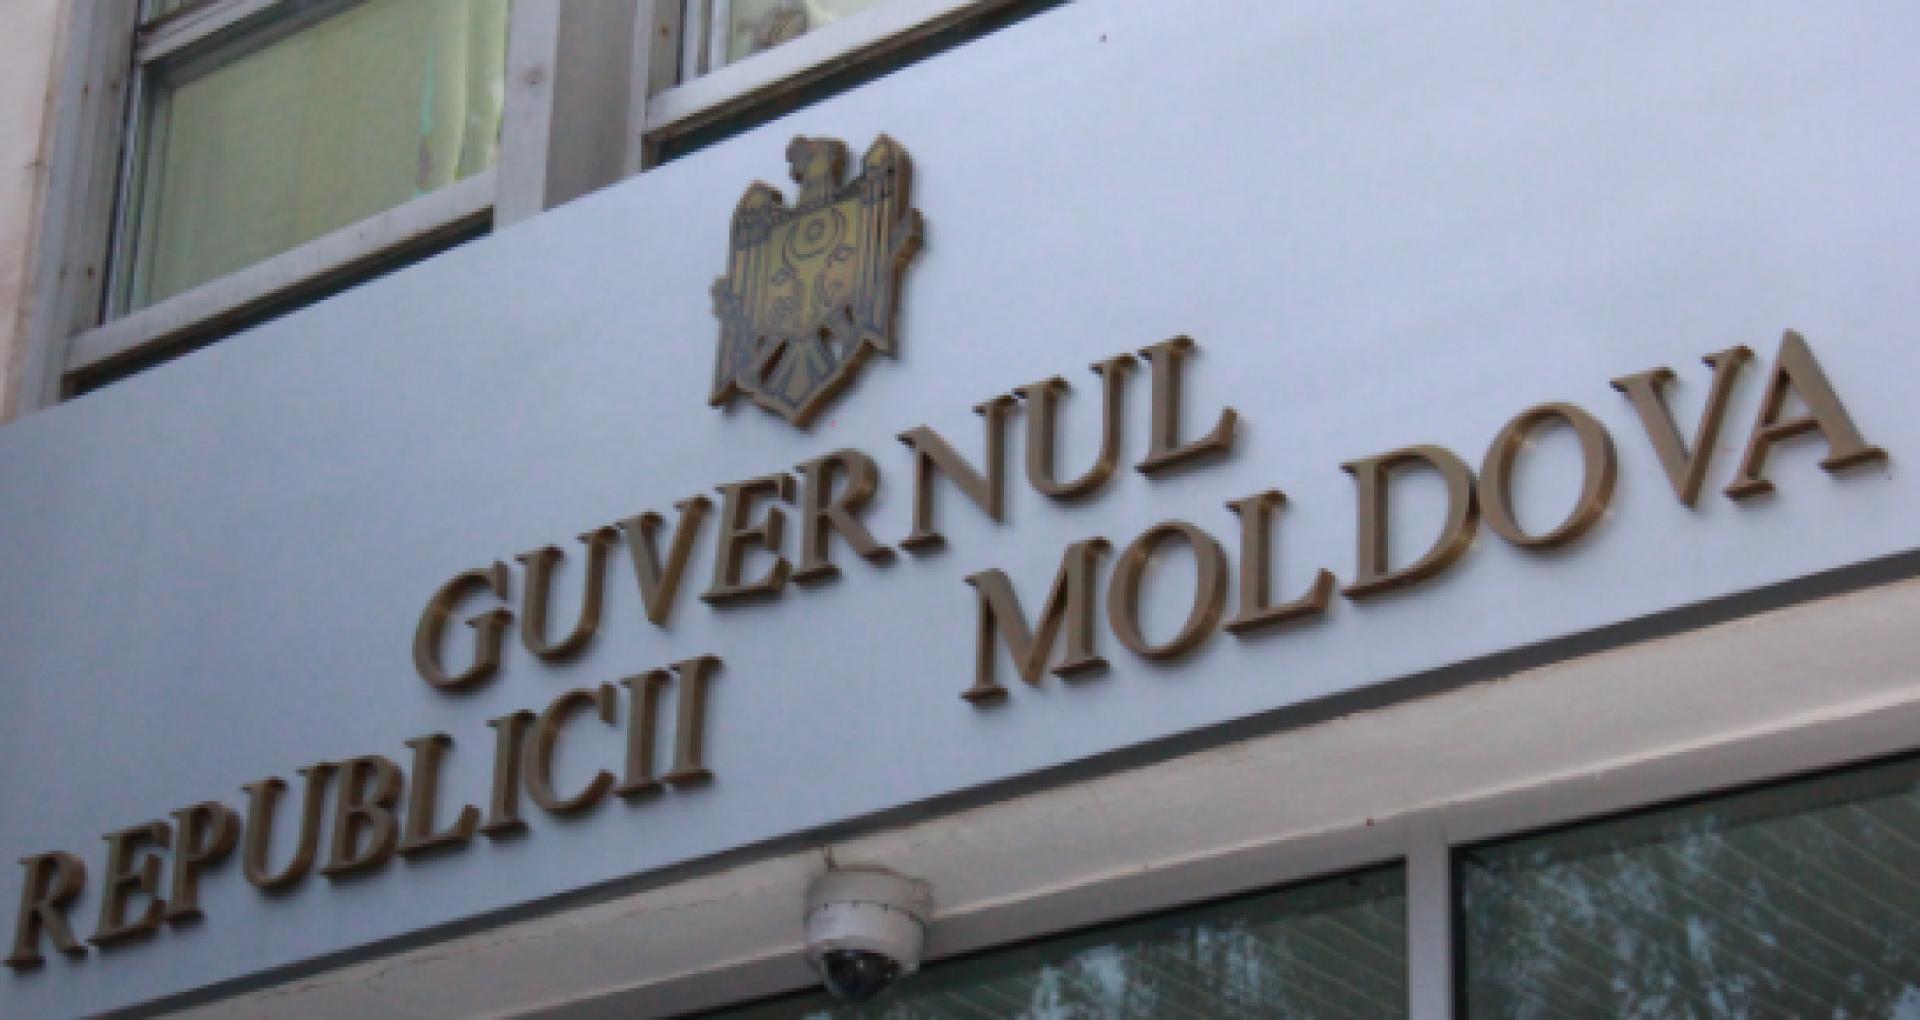 Guvernul a aprobat alocarea a peste un milion de lei pentru achitarea compensațiilor persoanelor supuse represiunilor politice